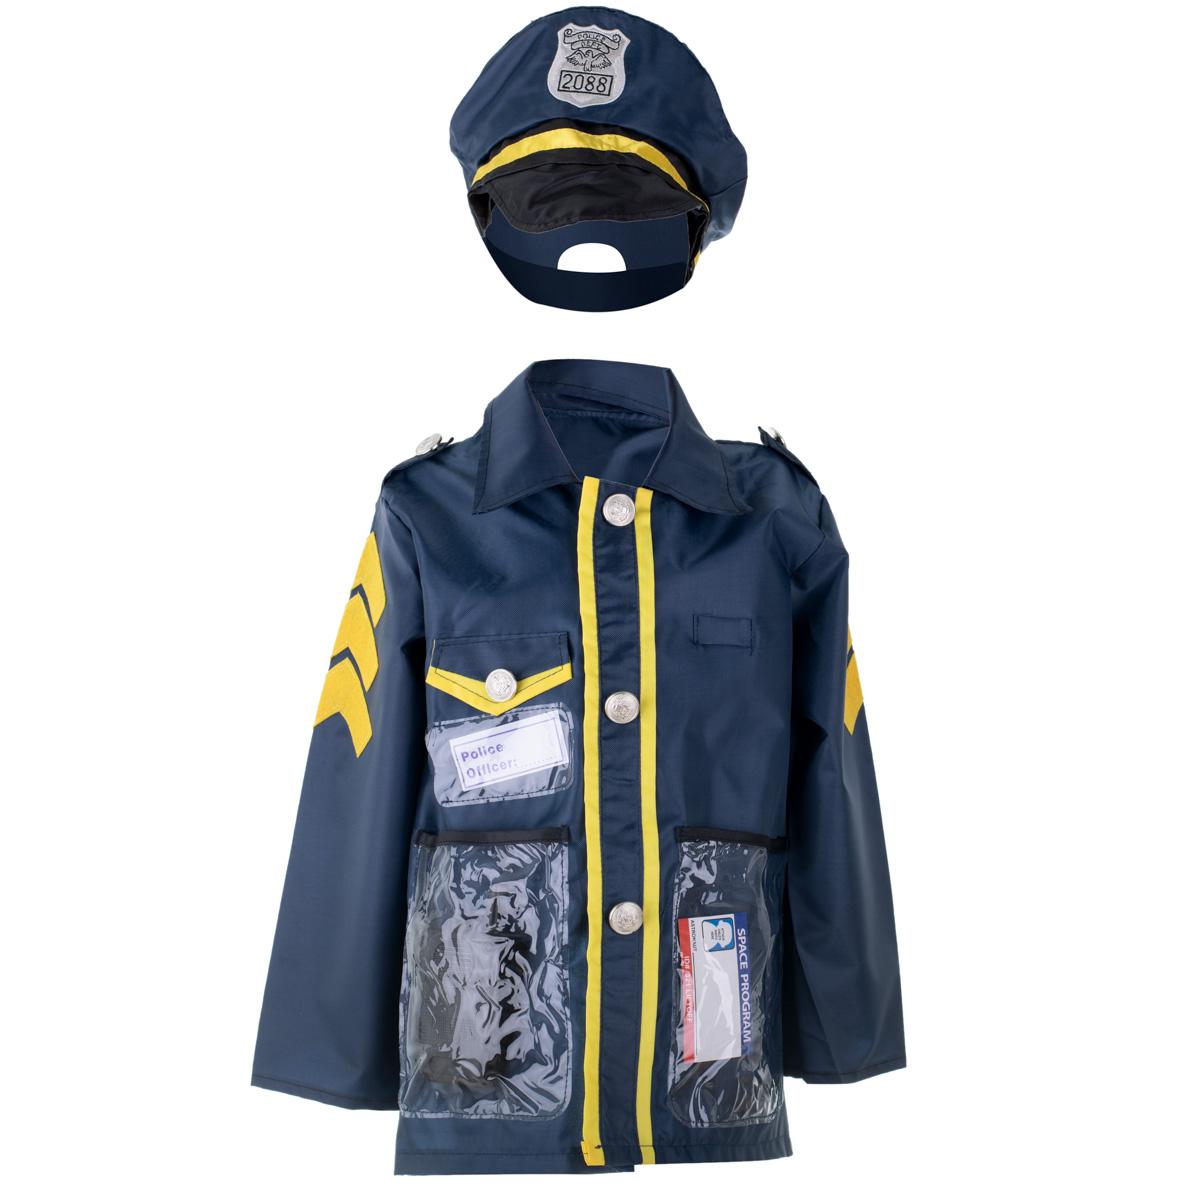 KIK Detský kostým Policajt, KX6923